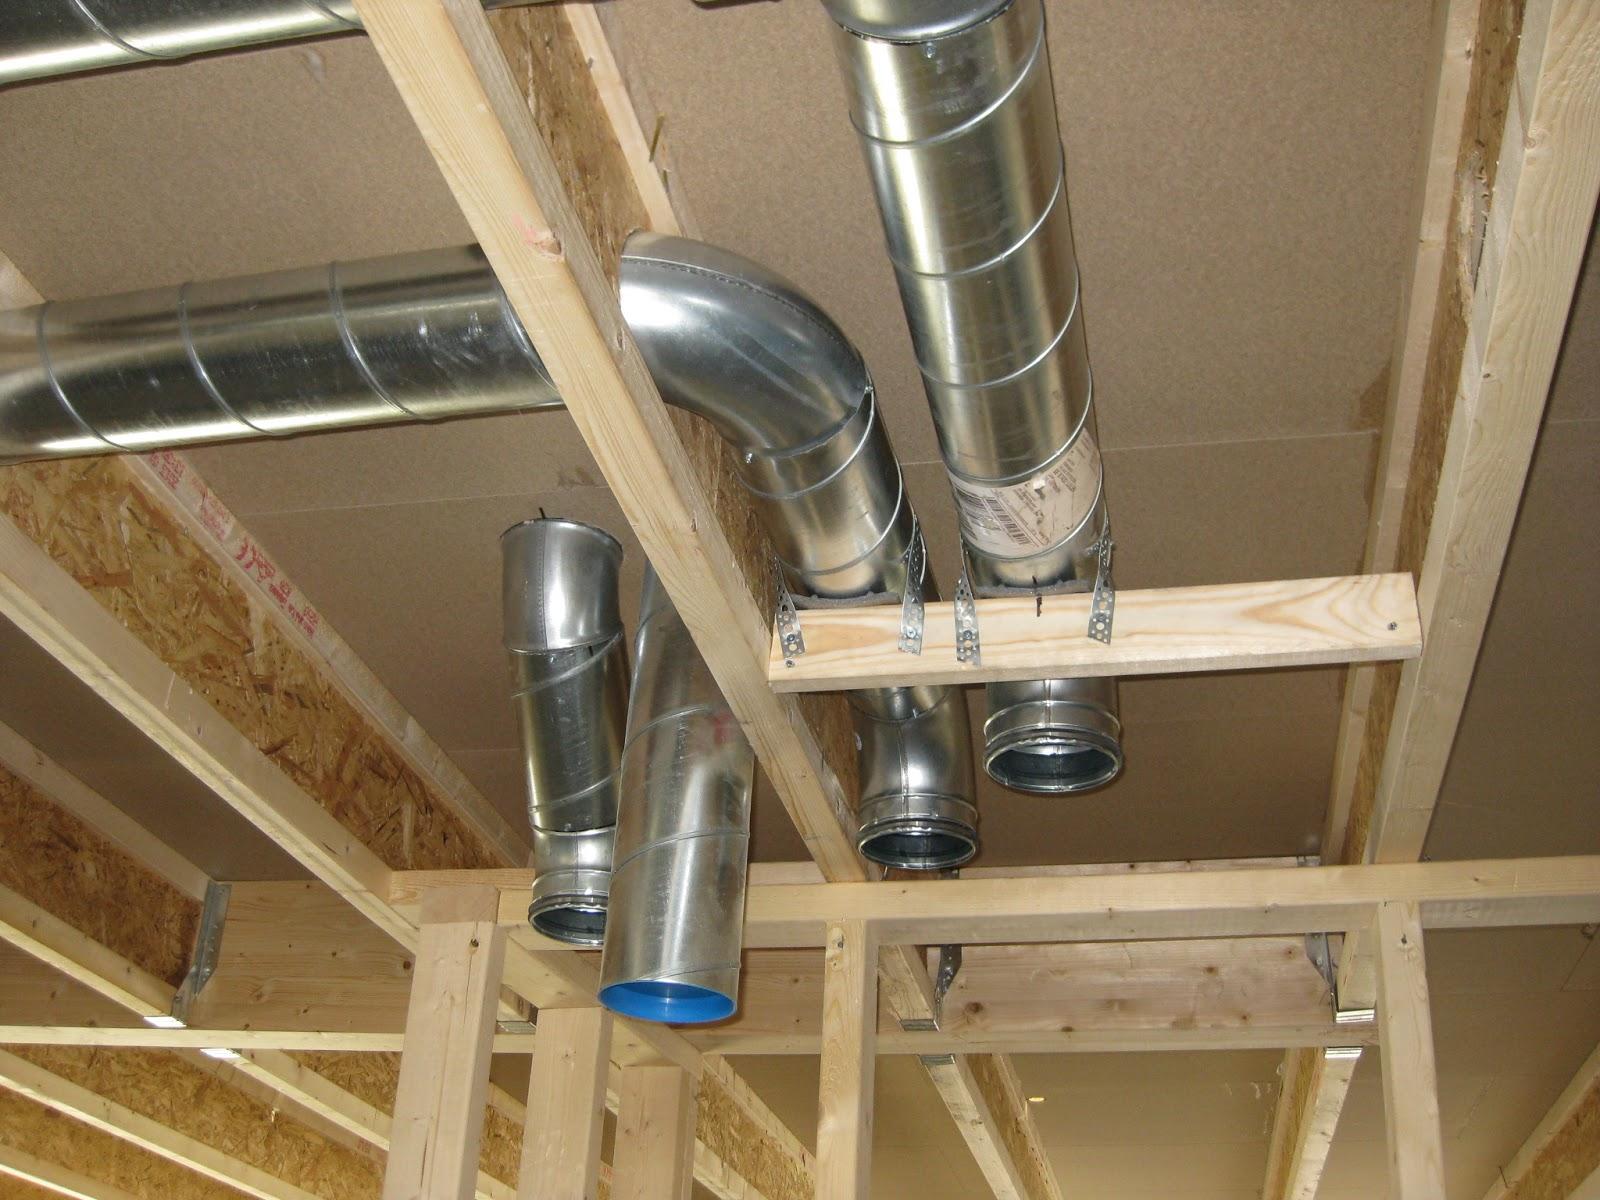 Frånlufts Ventilation - Ventilationsfirma.nu hjälper dig hitta rätt företag för jobbet